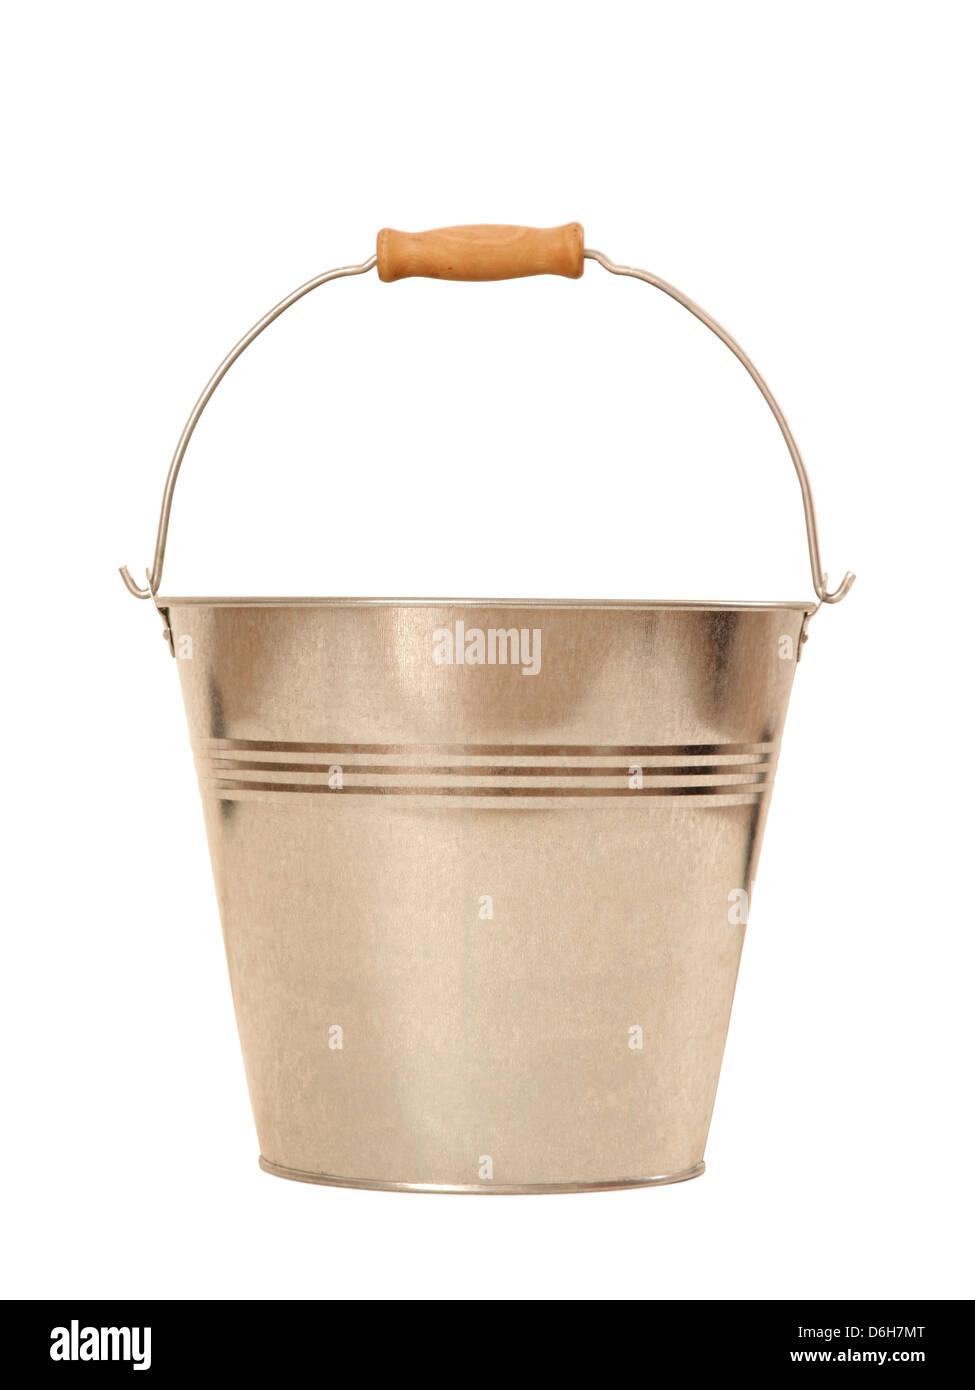 Metal bucket - Stock Image